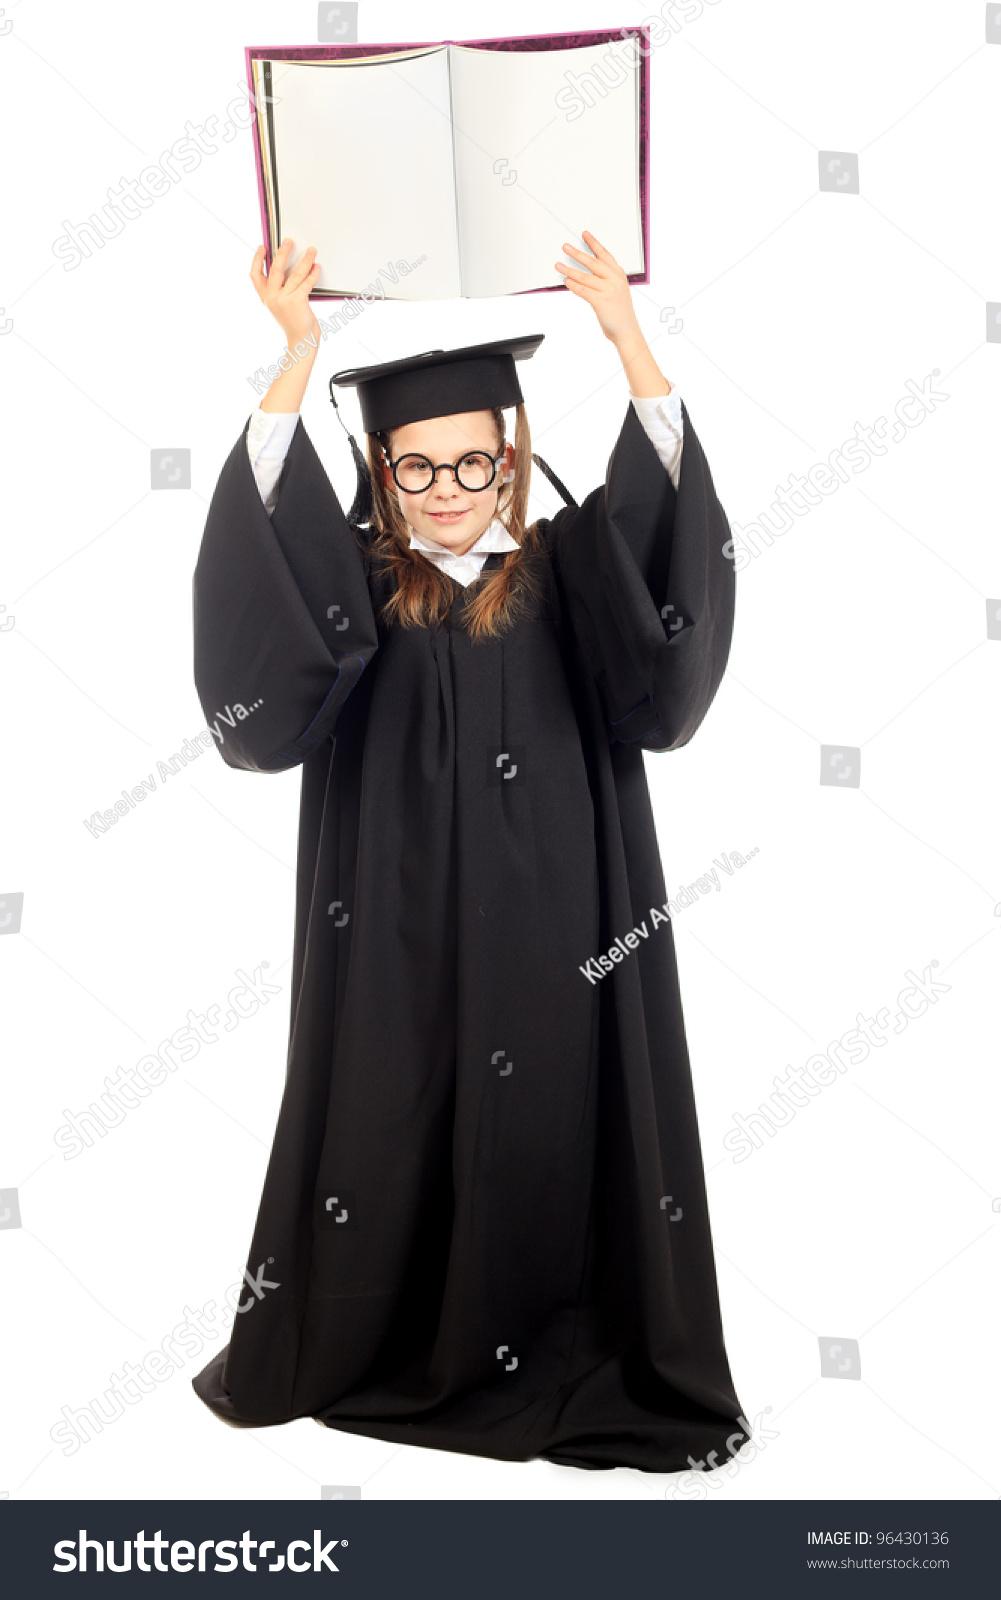 Portrait Cute Girl Graduation Gown Education Stock Photo (100% Legal ...